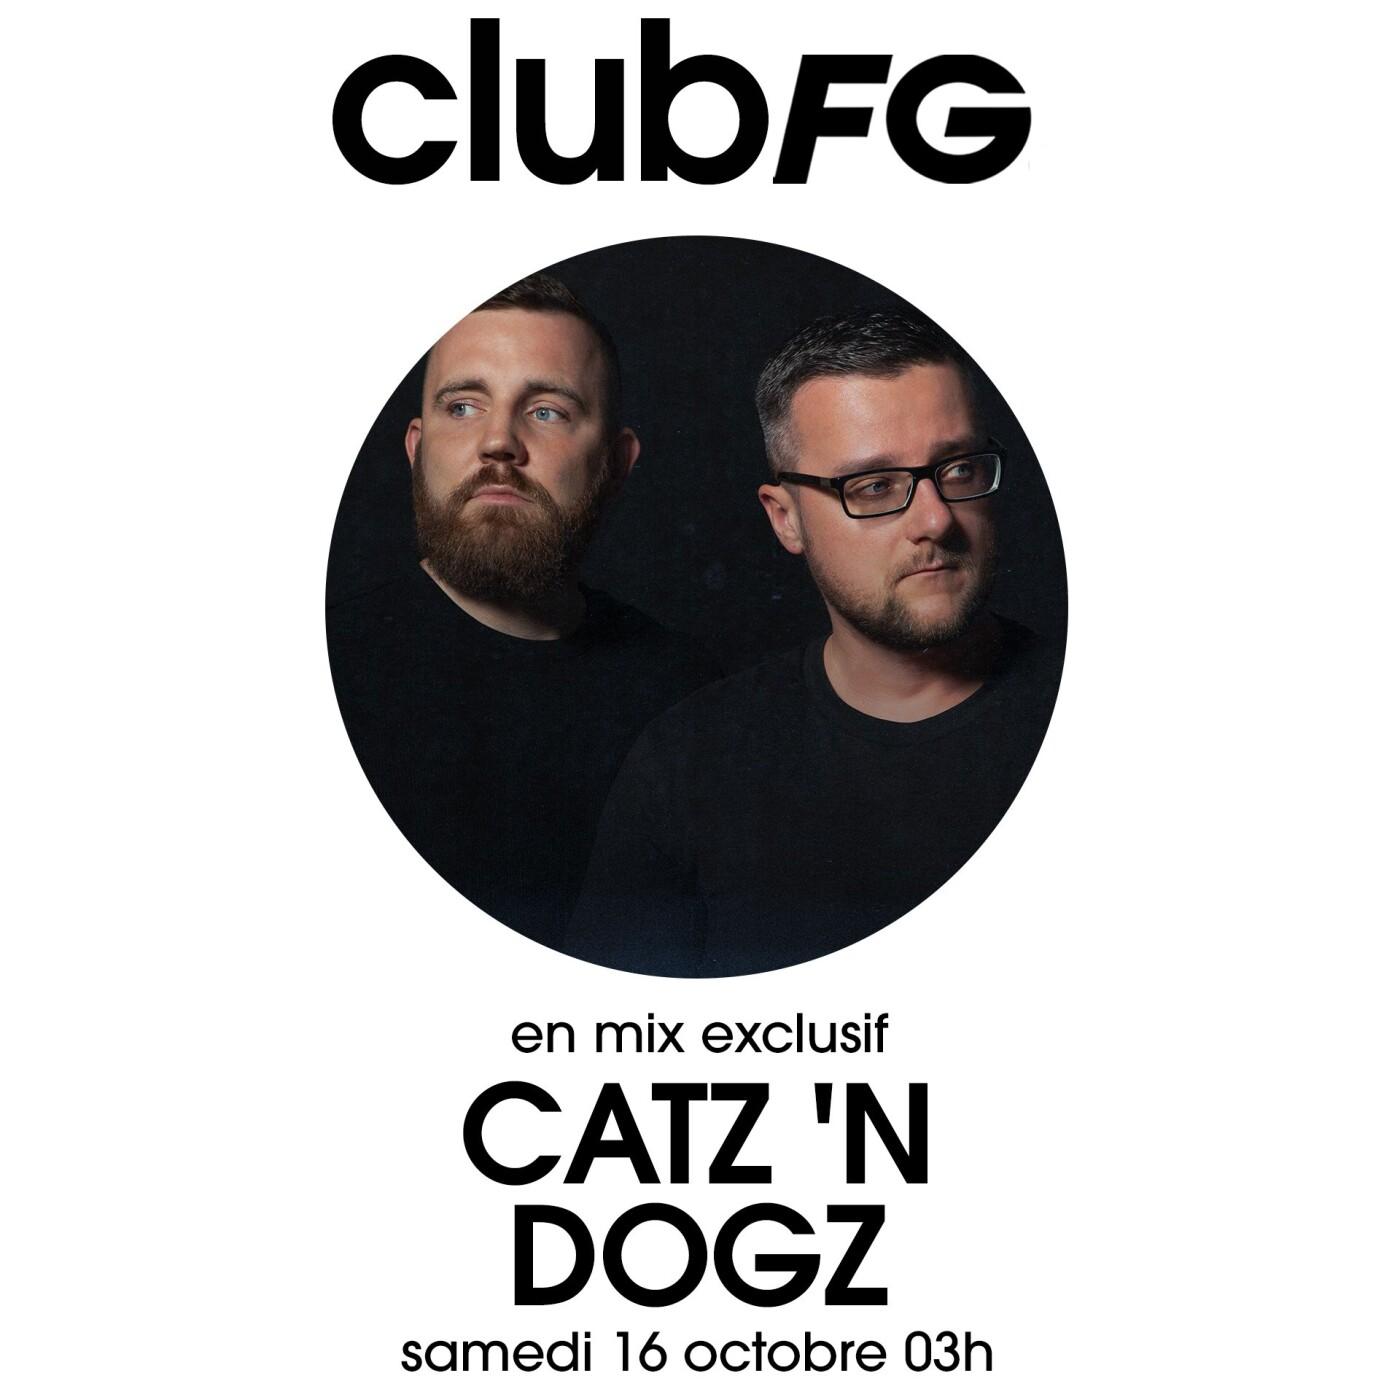 CLUB FG : CATZ' N DOG